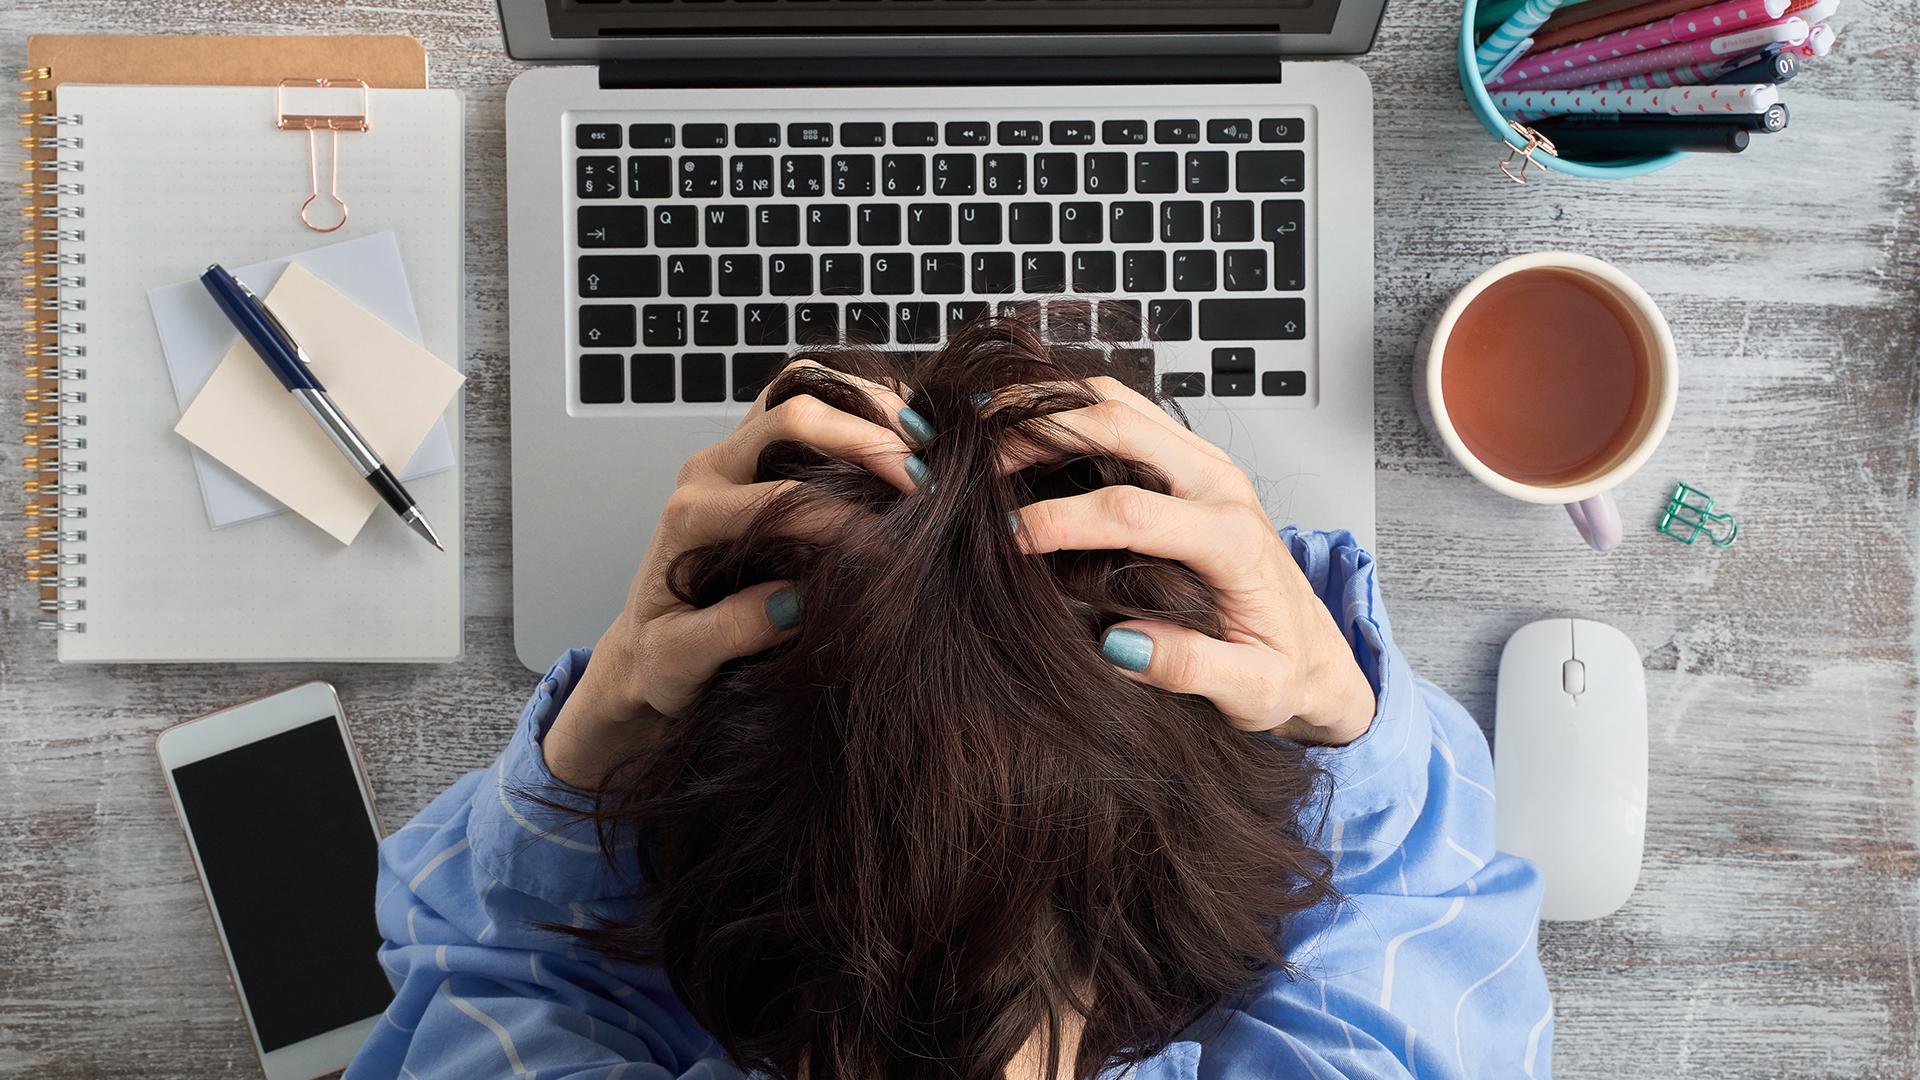 avoid burnout, burnout, burnout business, stress management, health and wellness, avoiding burnout, burnout as a business owner, mental health, mental health 2021